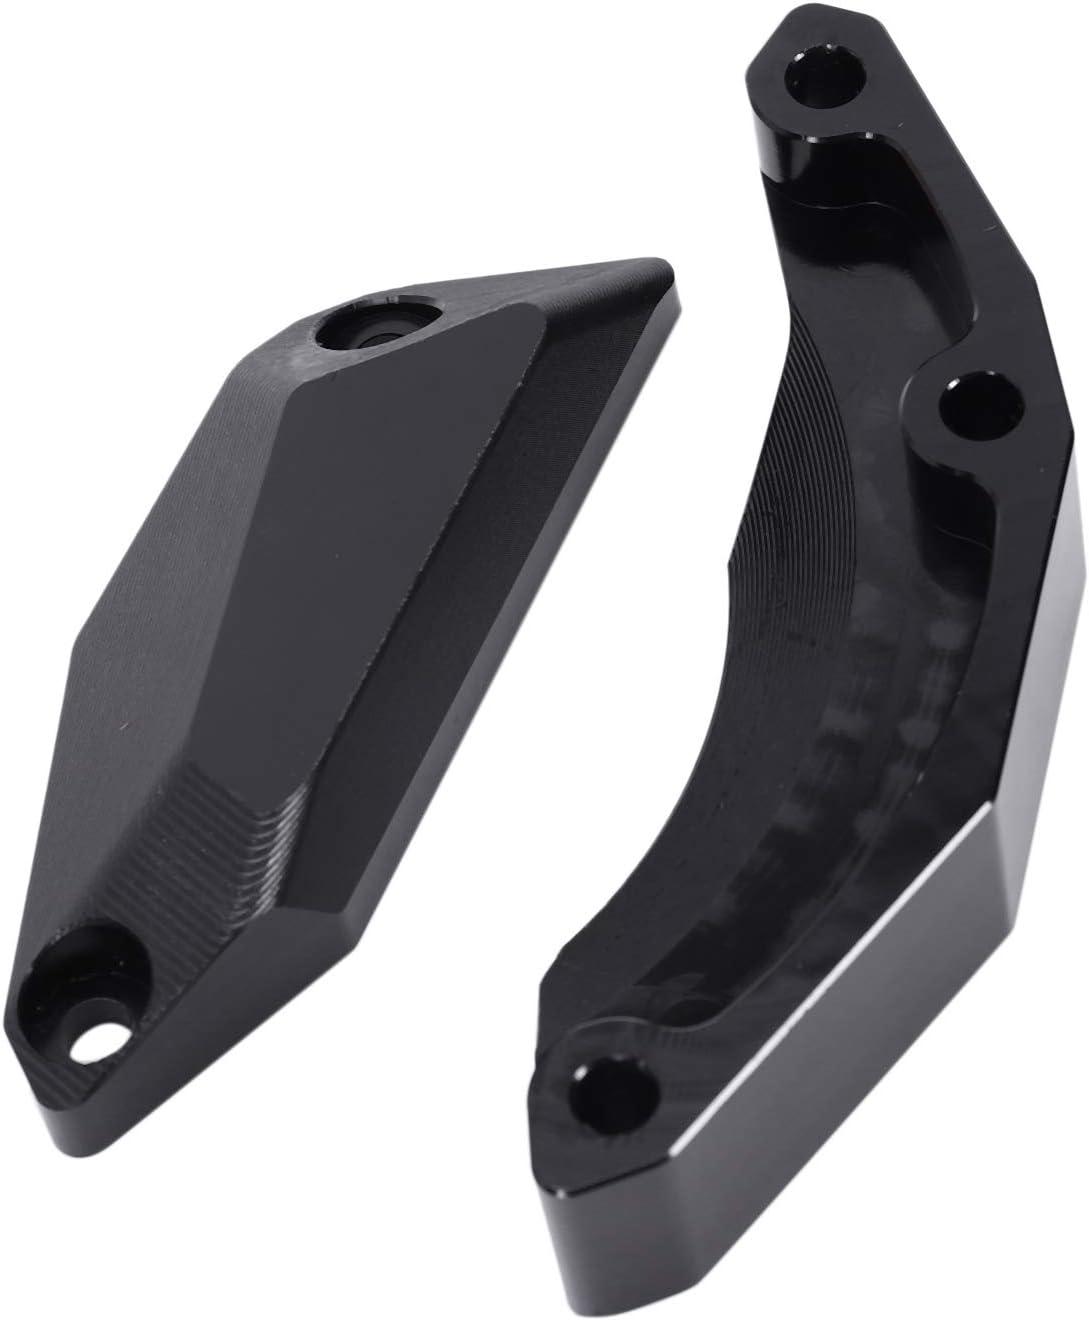 Basage Coperchi di Protezione Motore nel Alluminio Protector Protezione Motore Moto Slider Anti Crash Pad per R1S MT-10 MT10 16-17 Nero